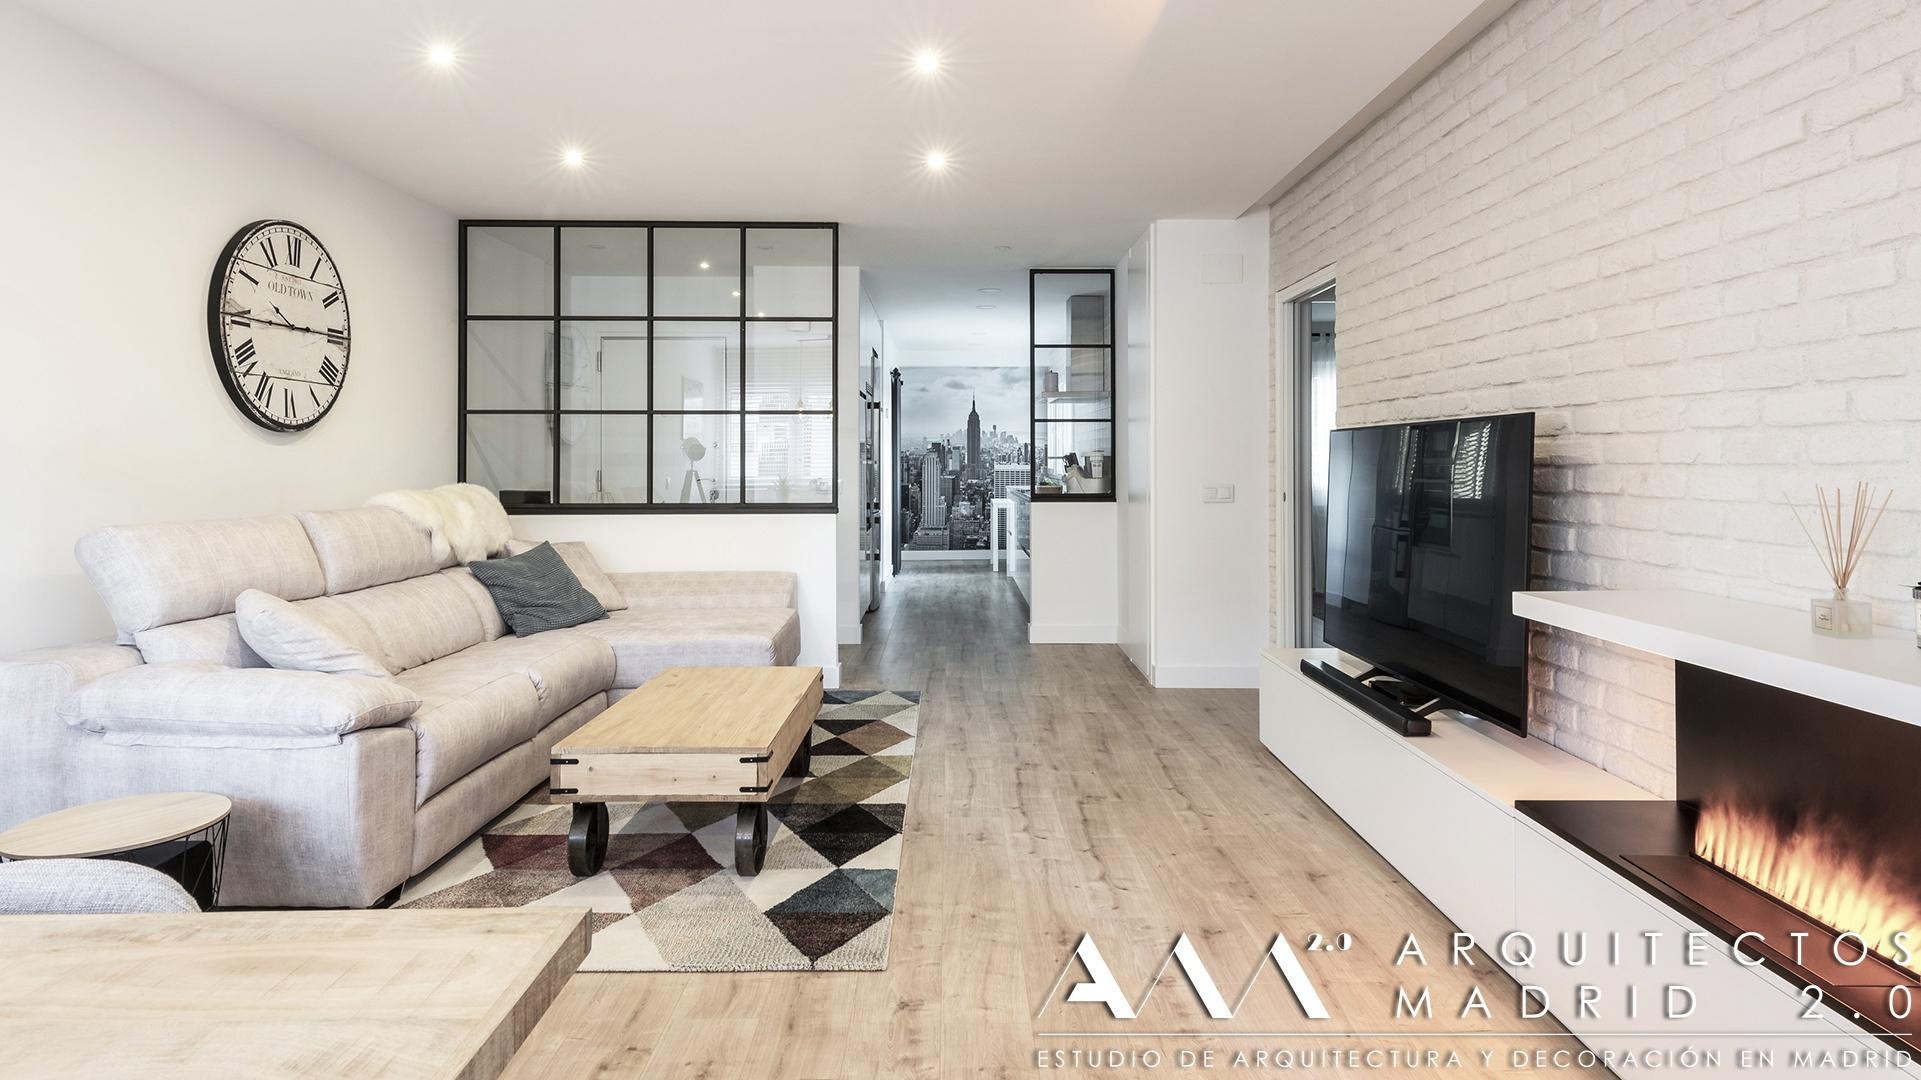 ideas-proyectos-reformas-casas-pisos-apartamentos-lofts-arquitectos-madrid-30